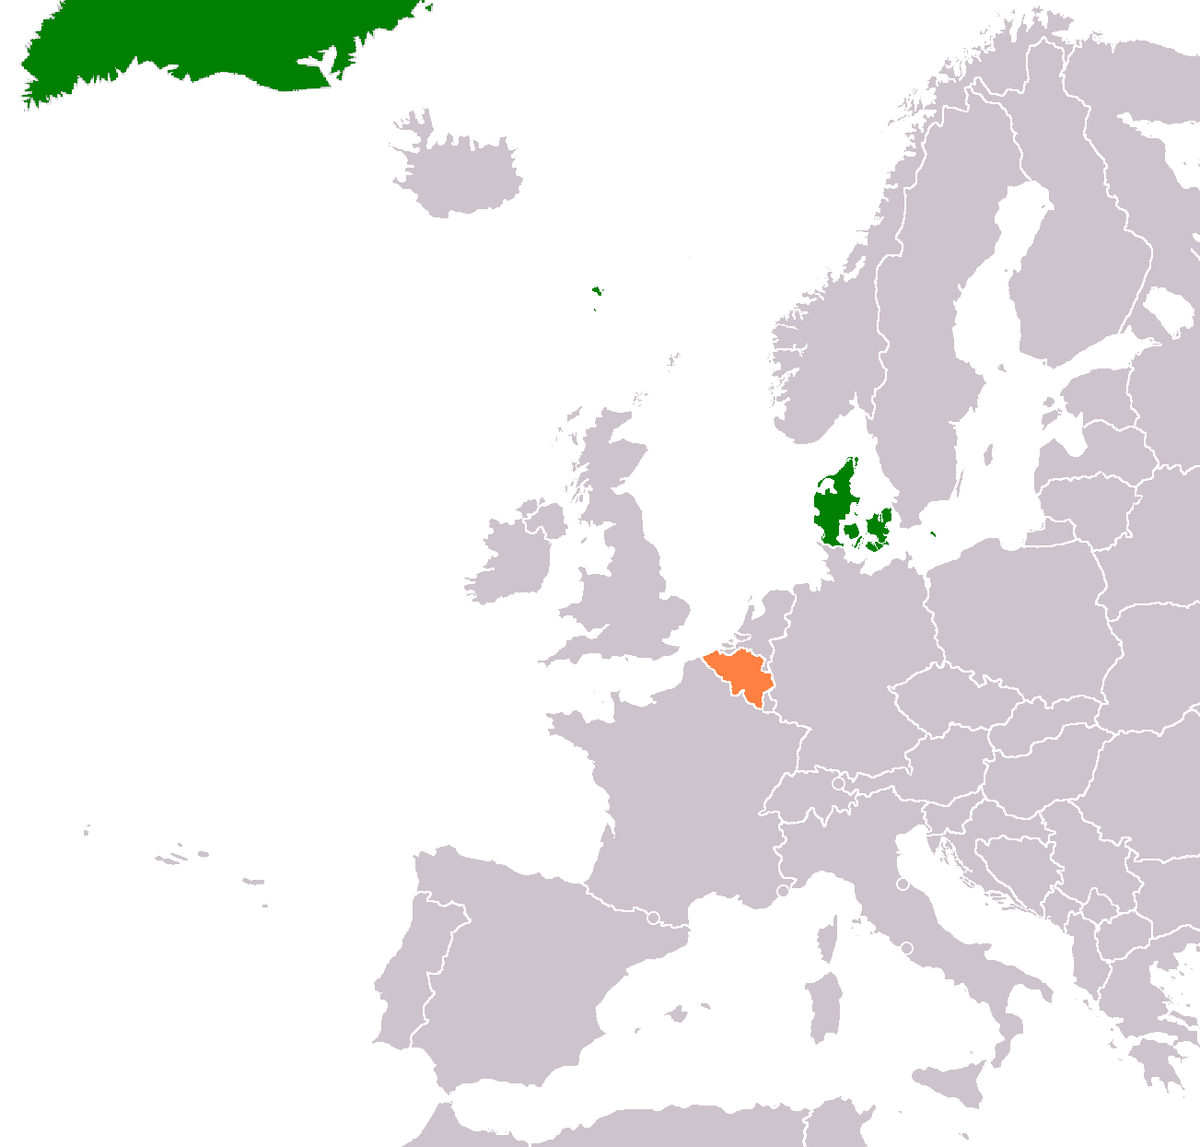 BelgiumDenmark Relations Wikipedia - Belgium map png